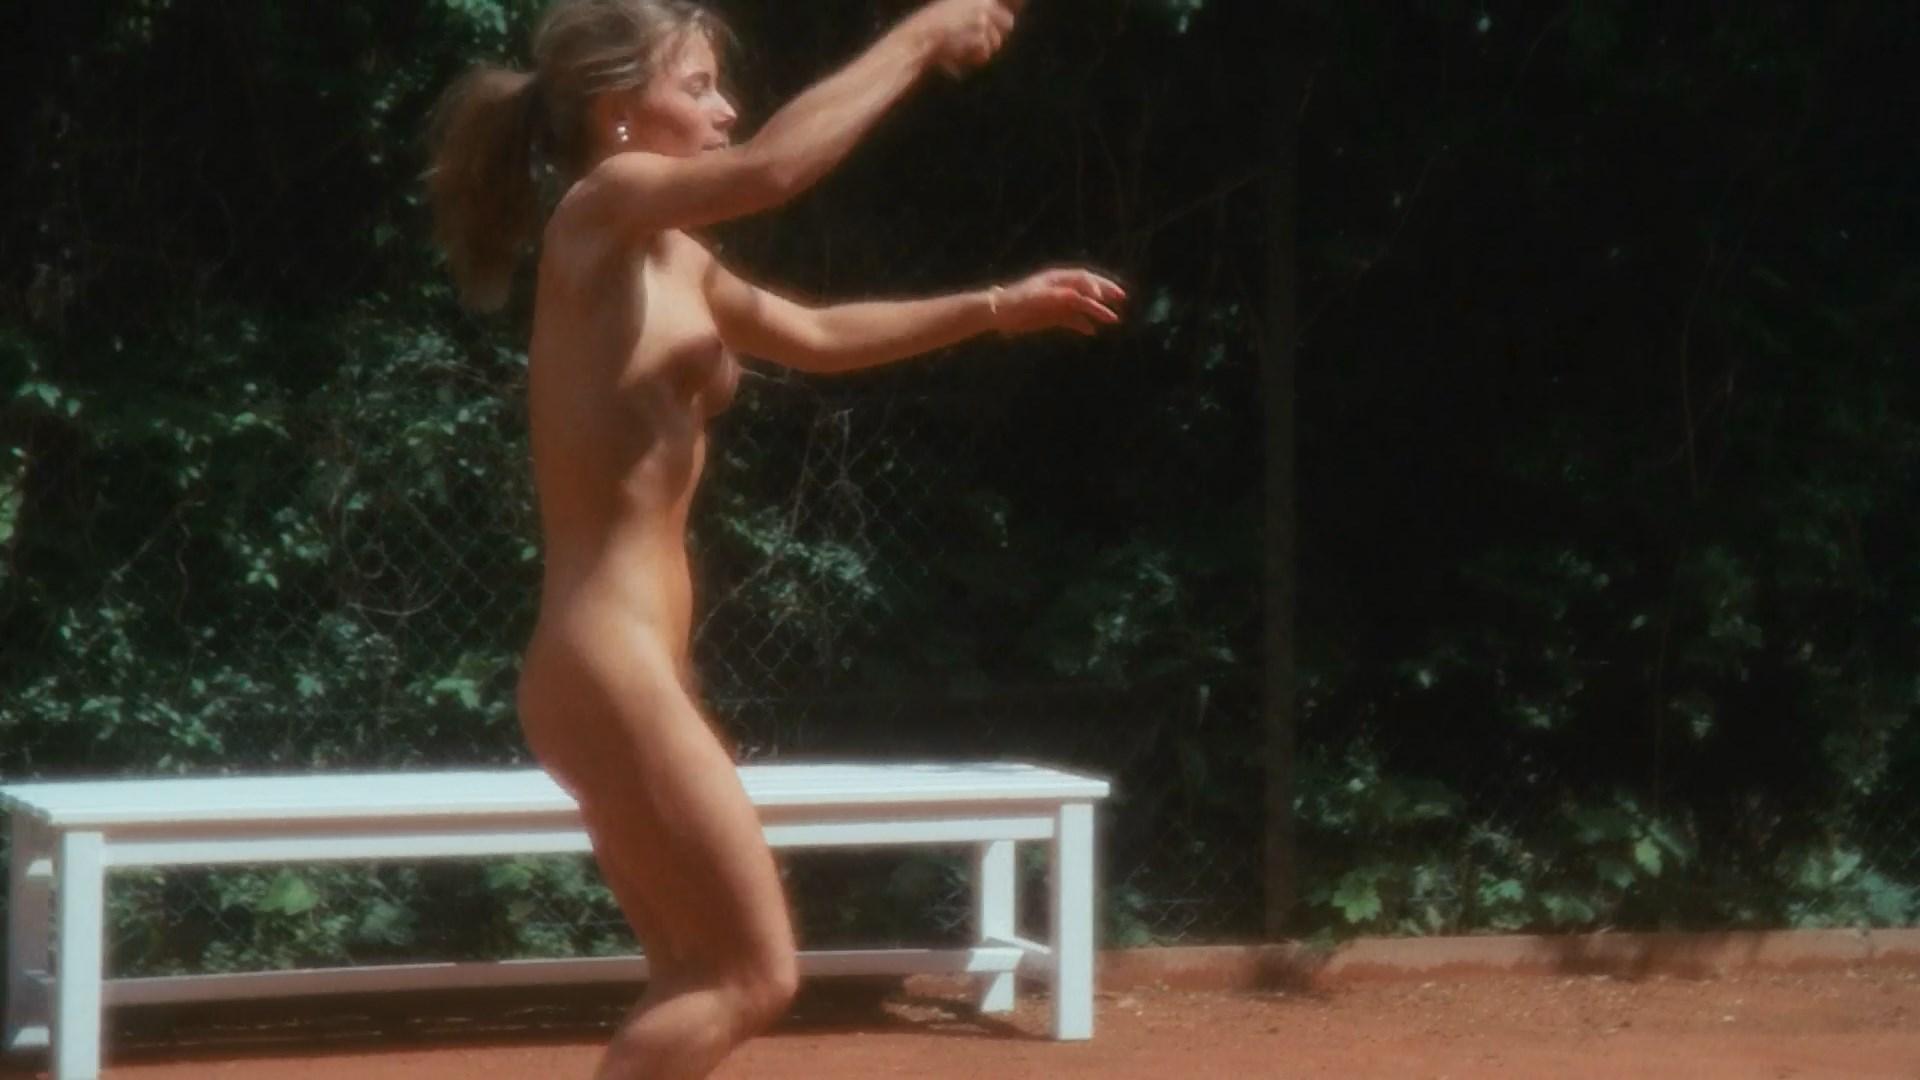 Pinvidic nackt Margot  Margot Robbie